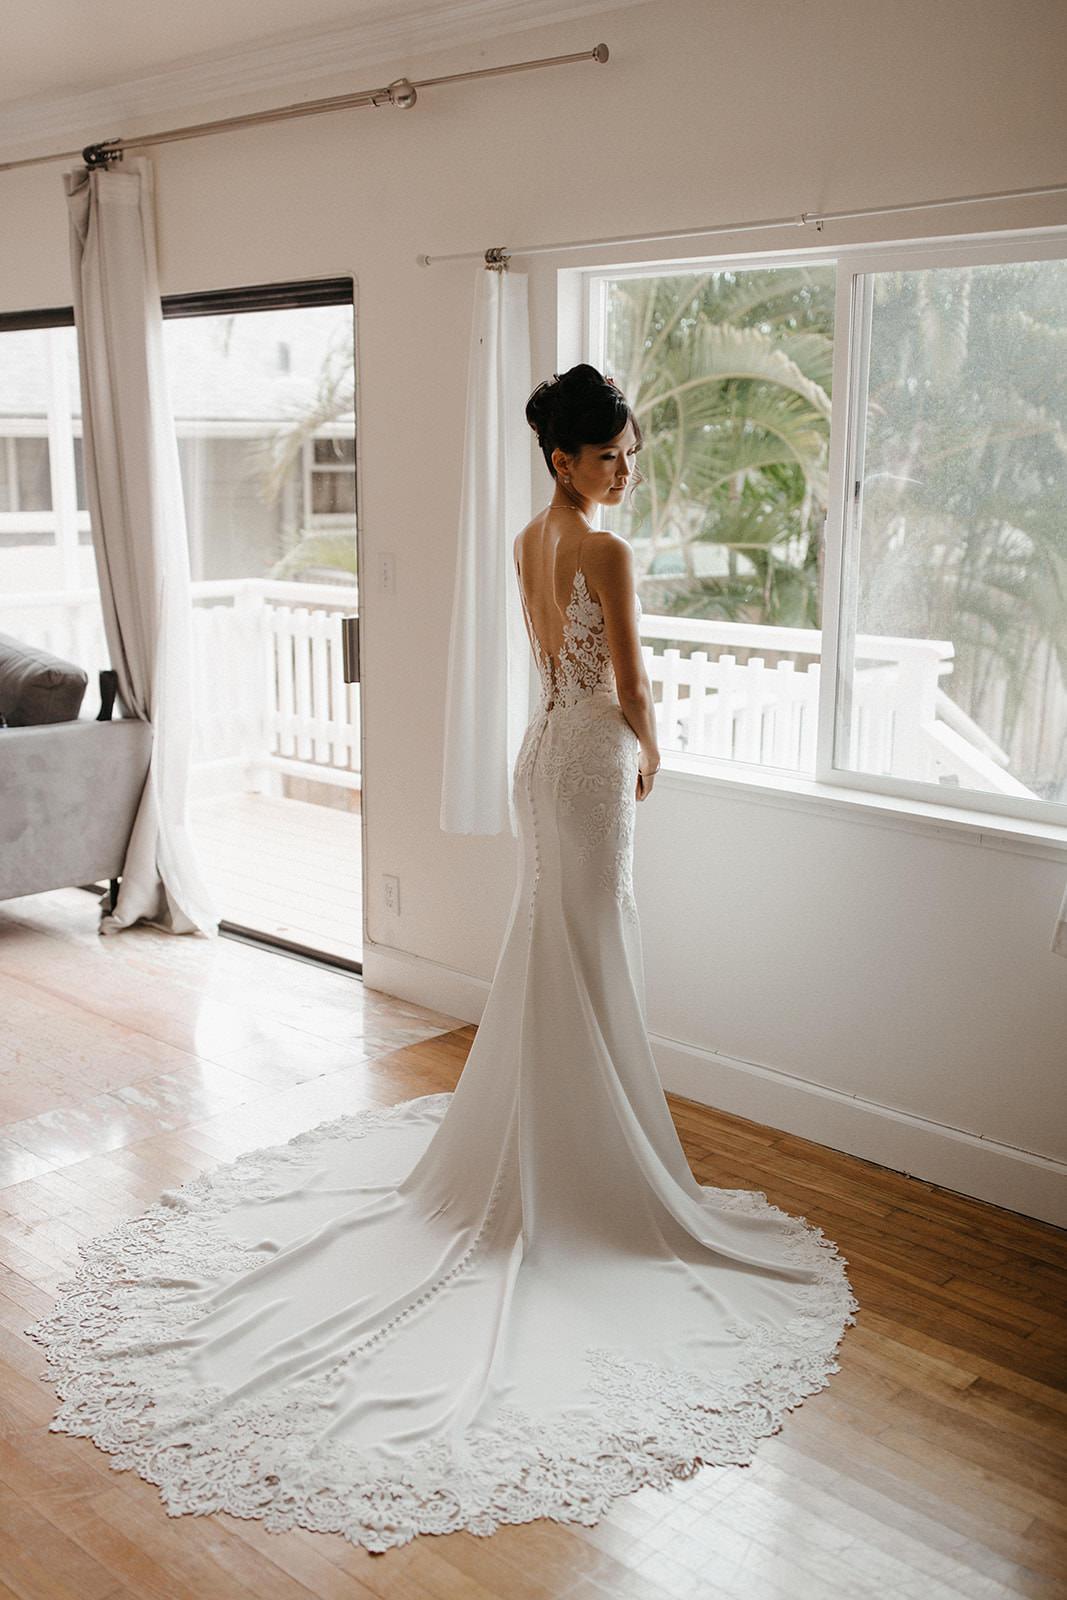 Kualoa_Hawaii_wedding_paliku14.jpg